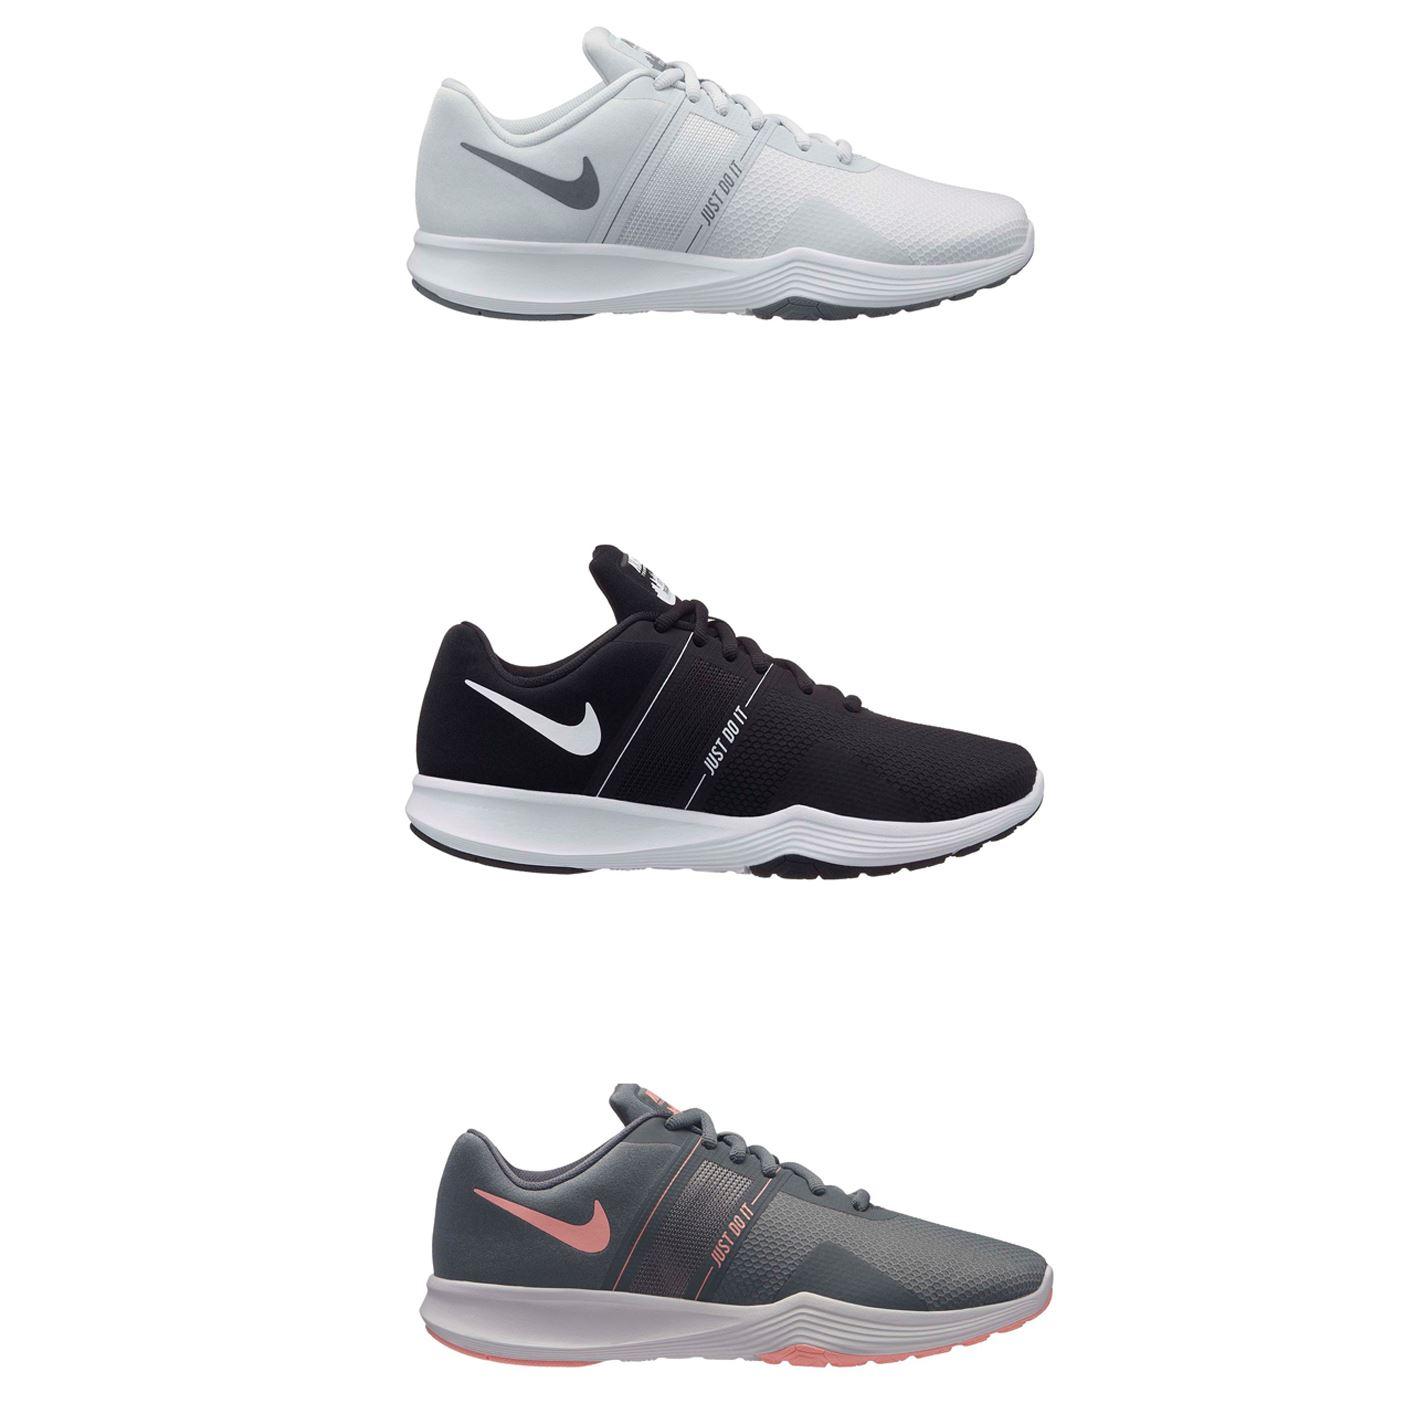 adidas mujer zapatillas city trainer